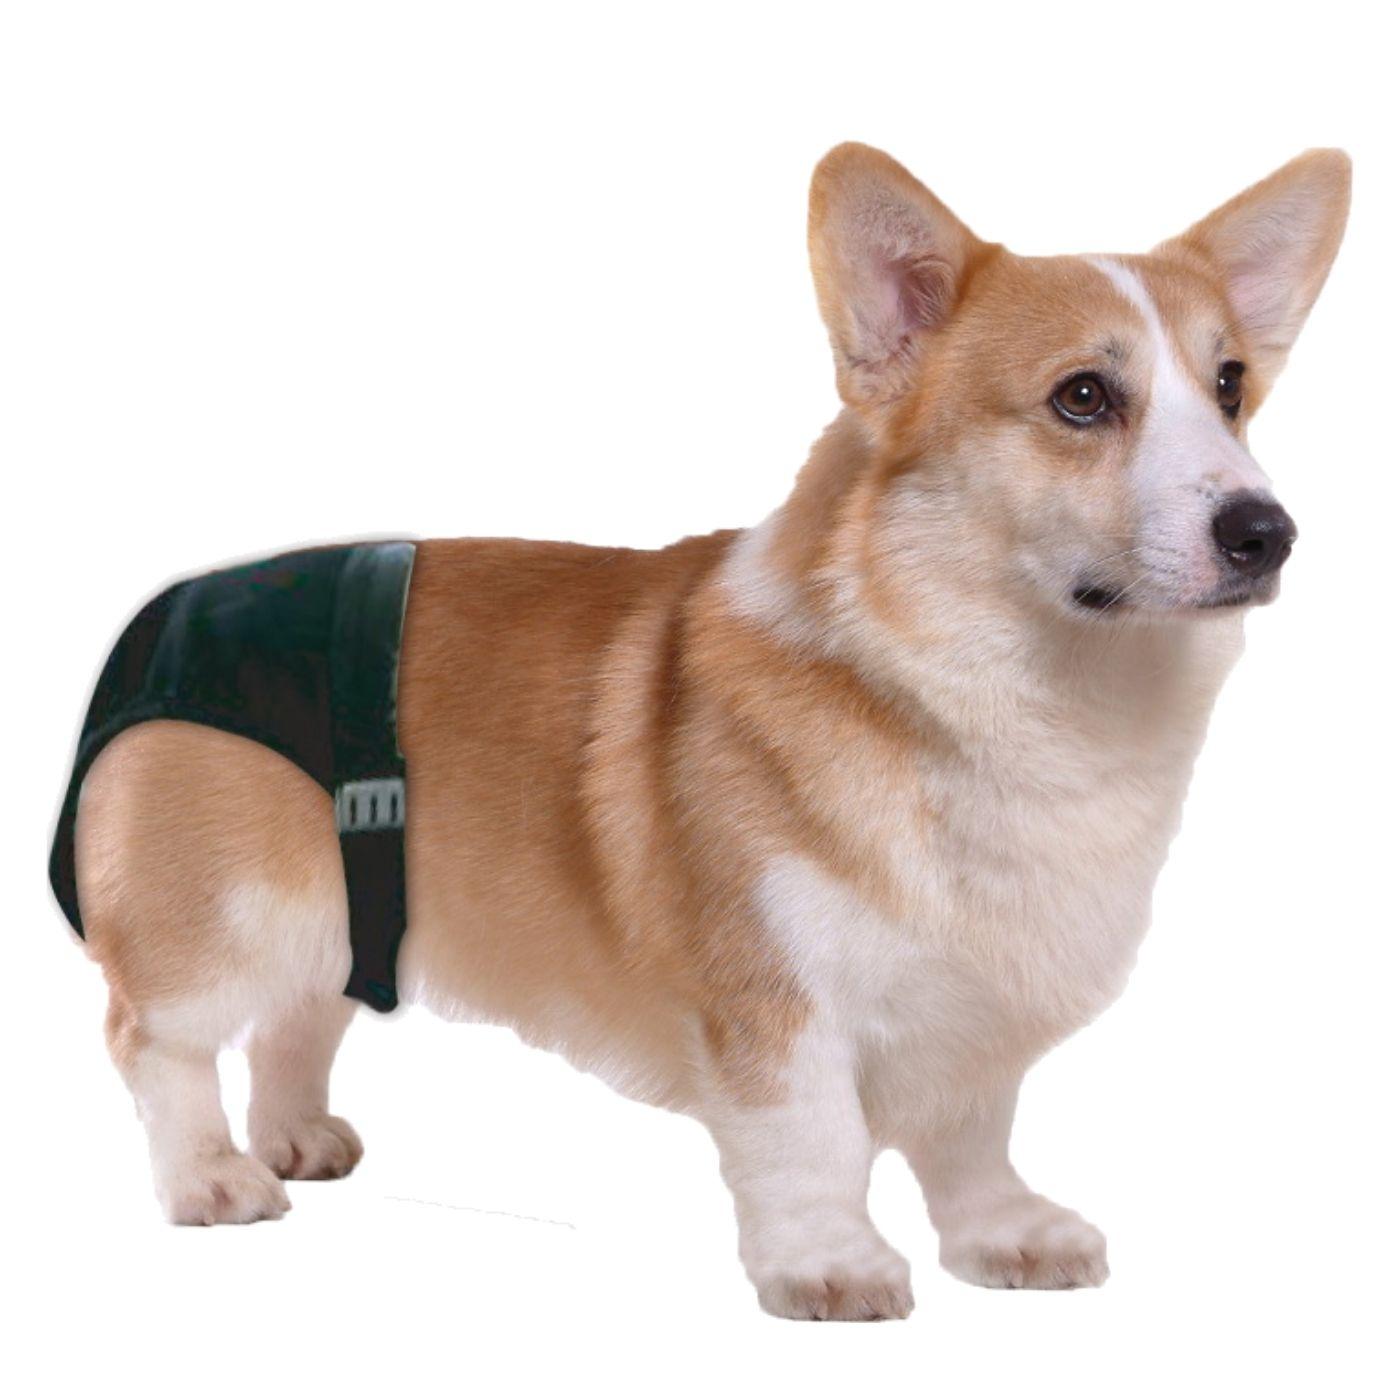 Calcinha Higiênica para Cachorro M Pawise